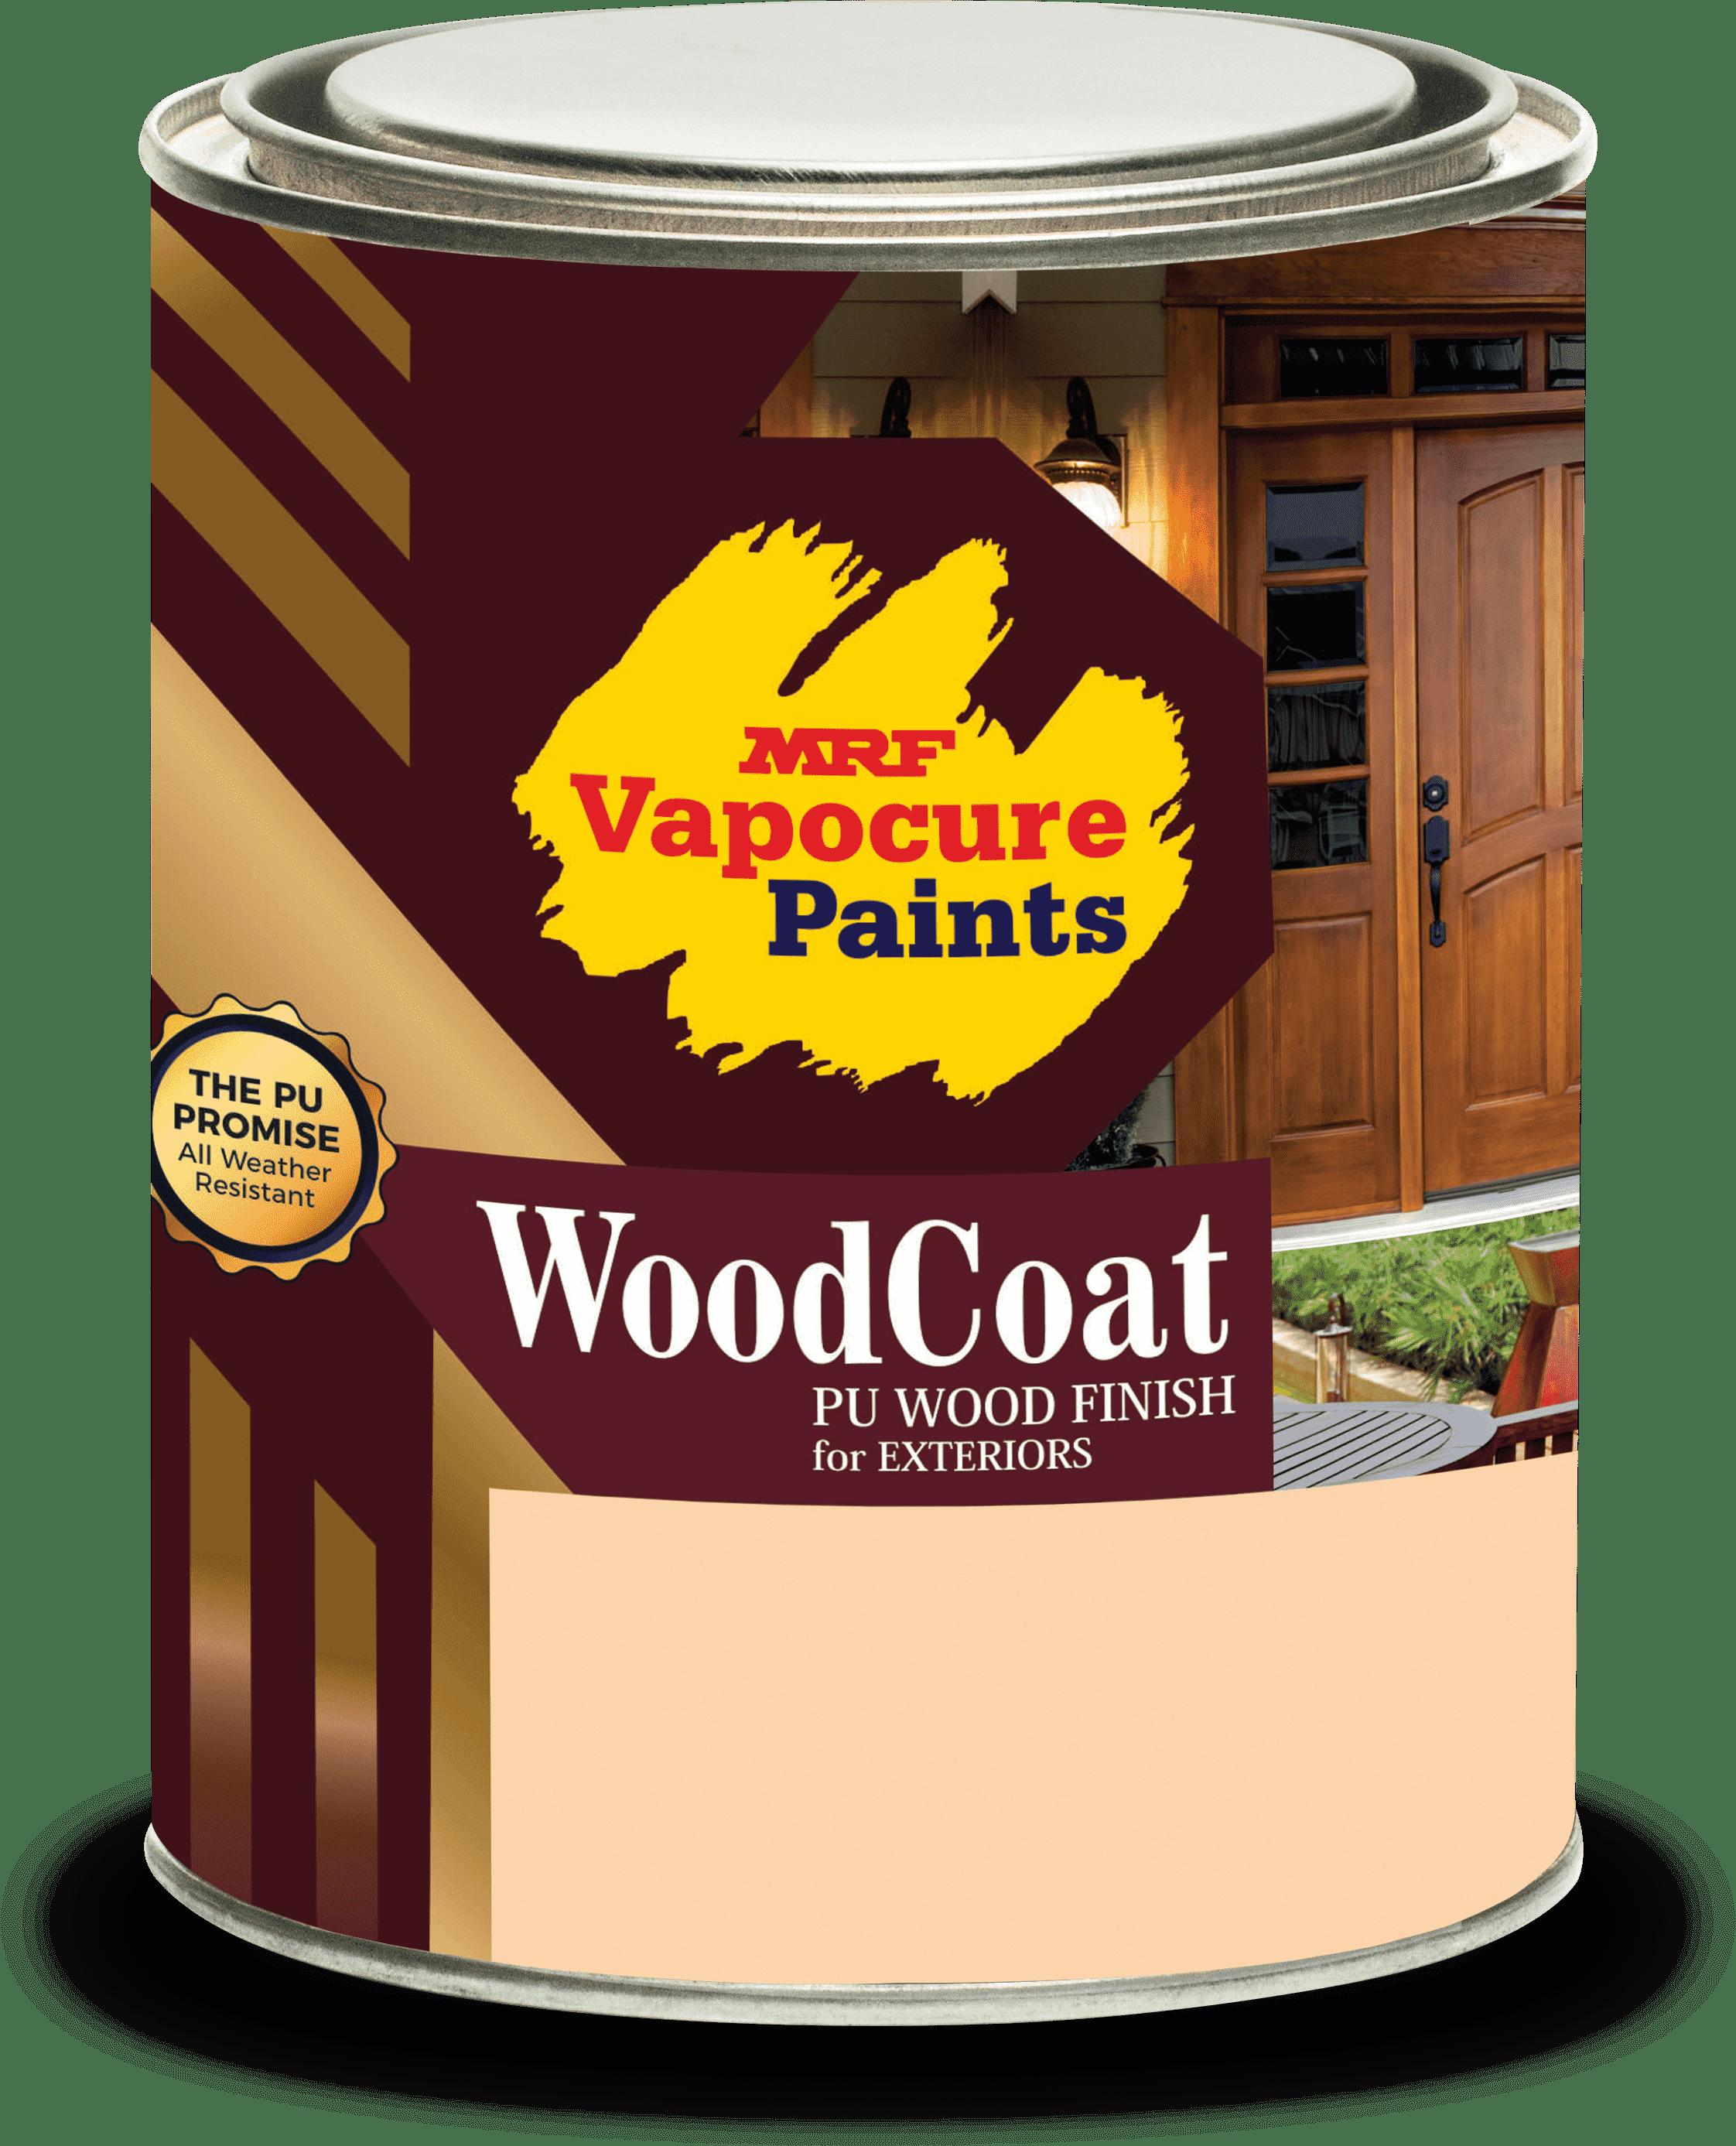 WoodCoat Exterior